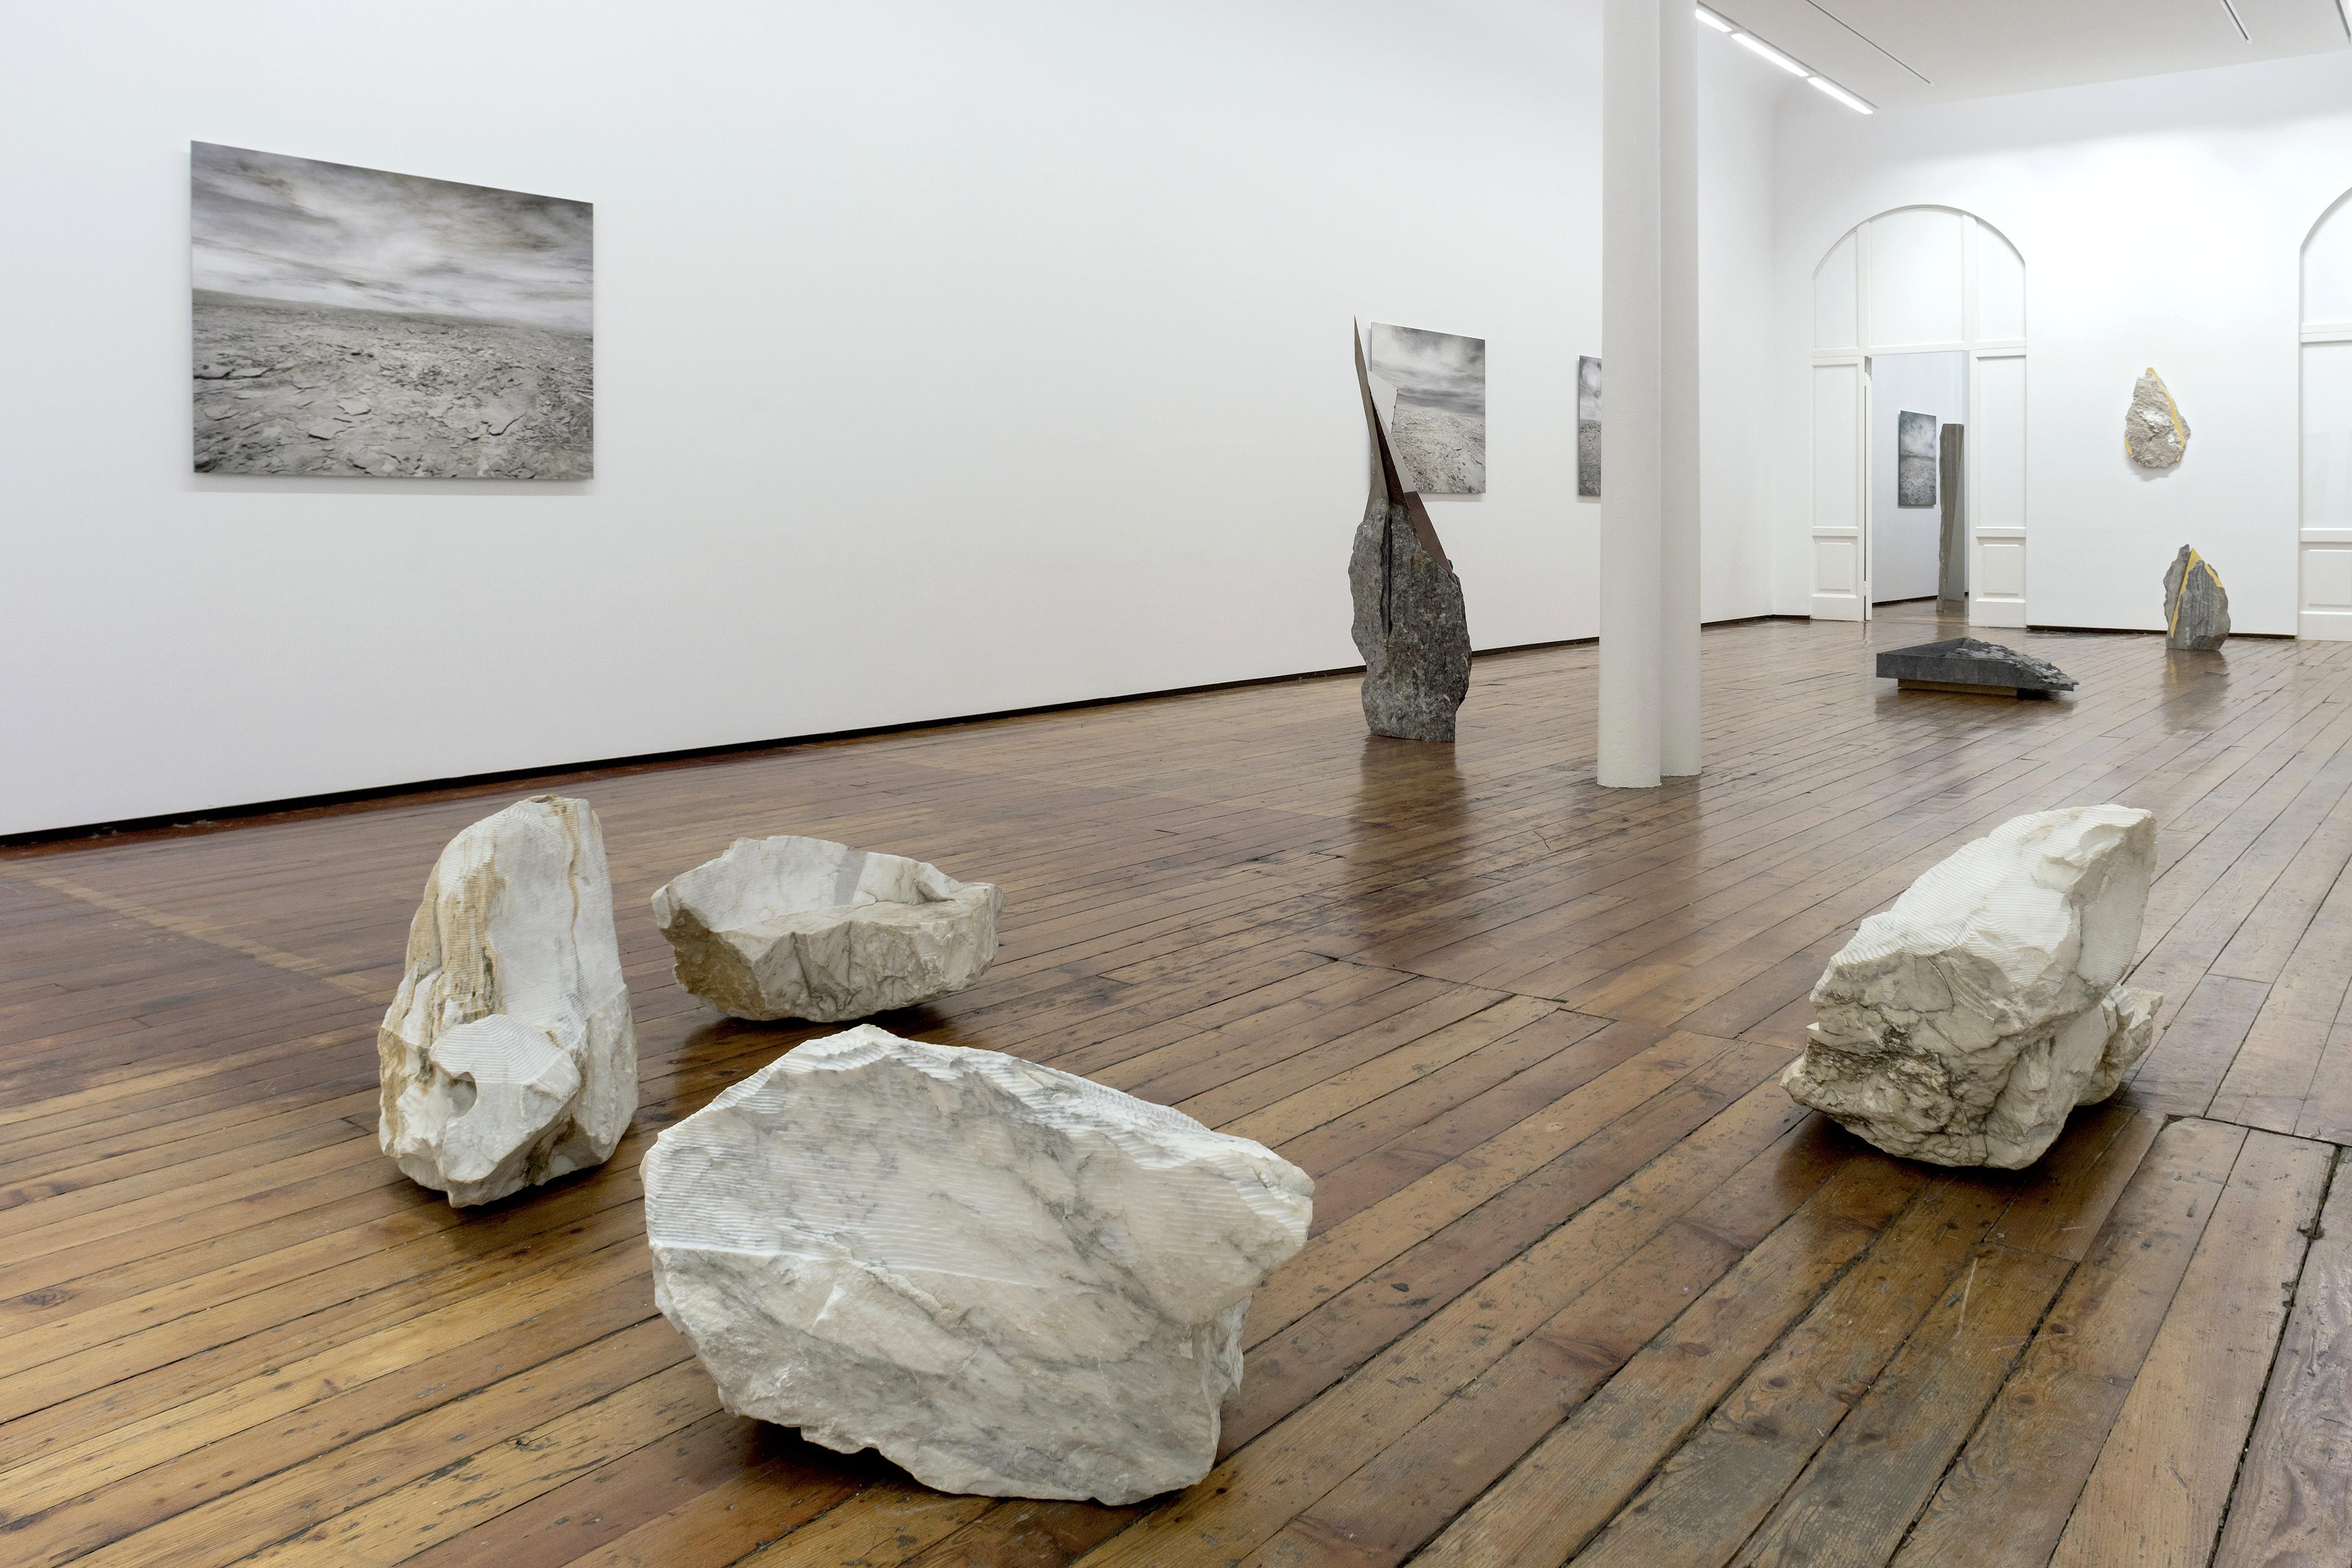 Filippo Armellin & Mattia Bosco. In origine, Galleria Fumagalli, Milano, 2019. Photo F.Armellin. Courtesy Galleria Fumagalli